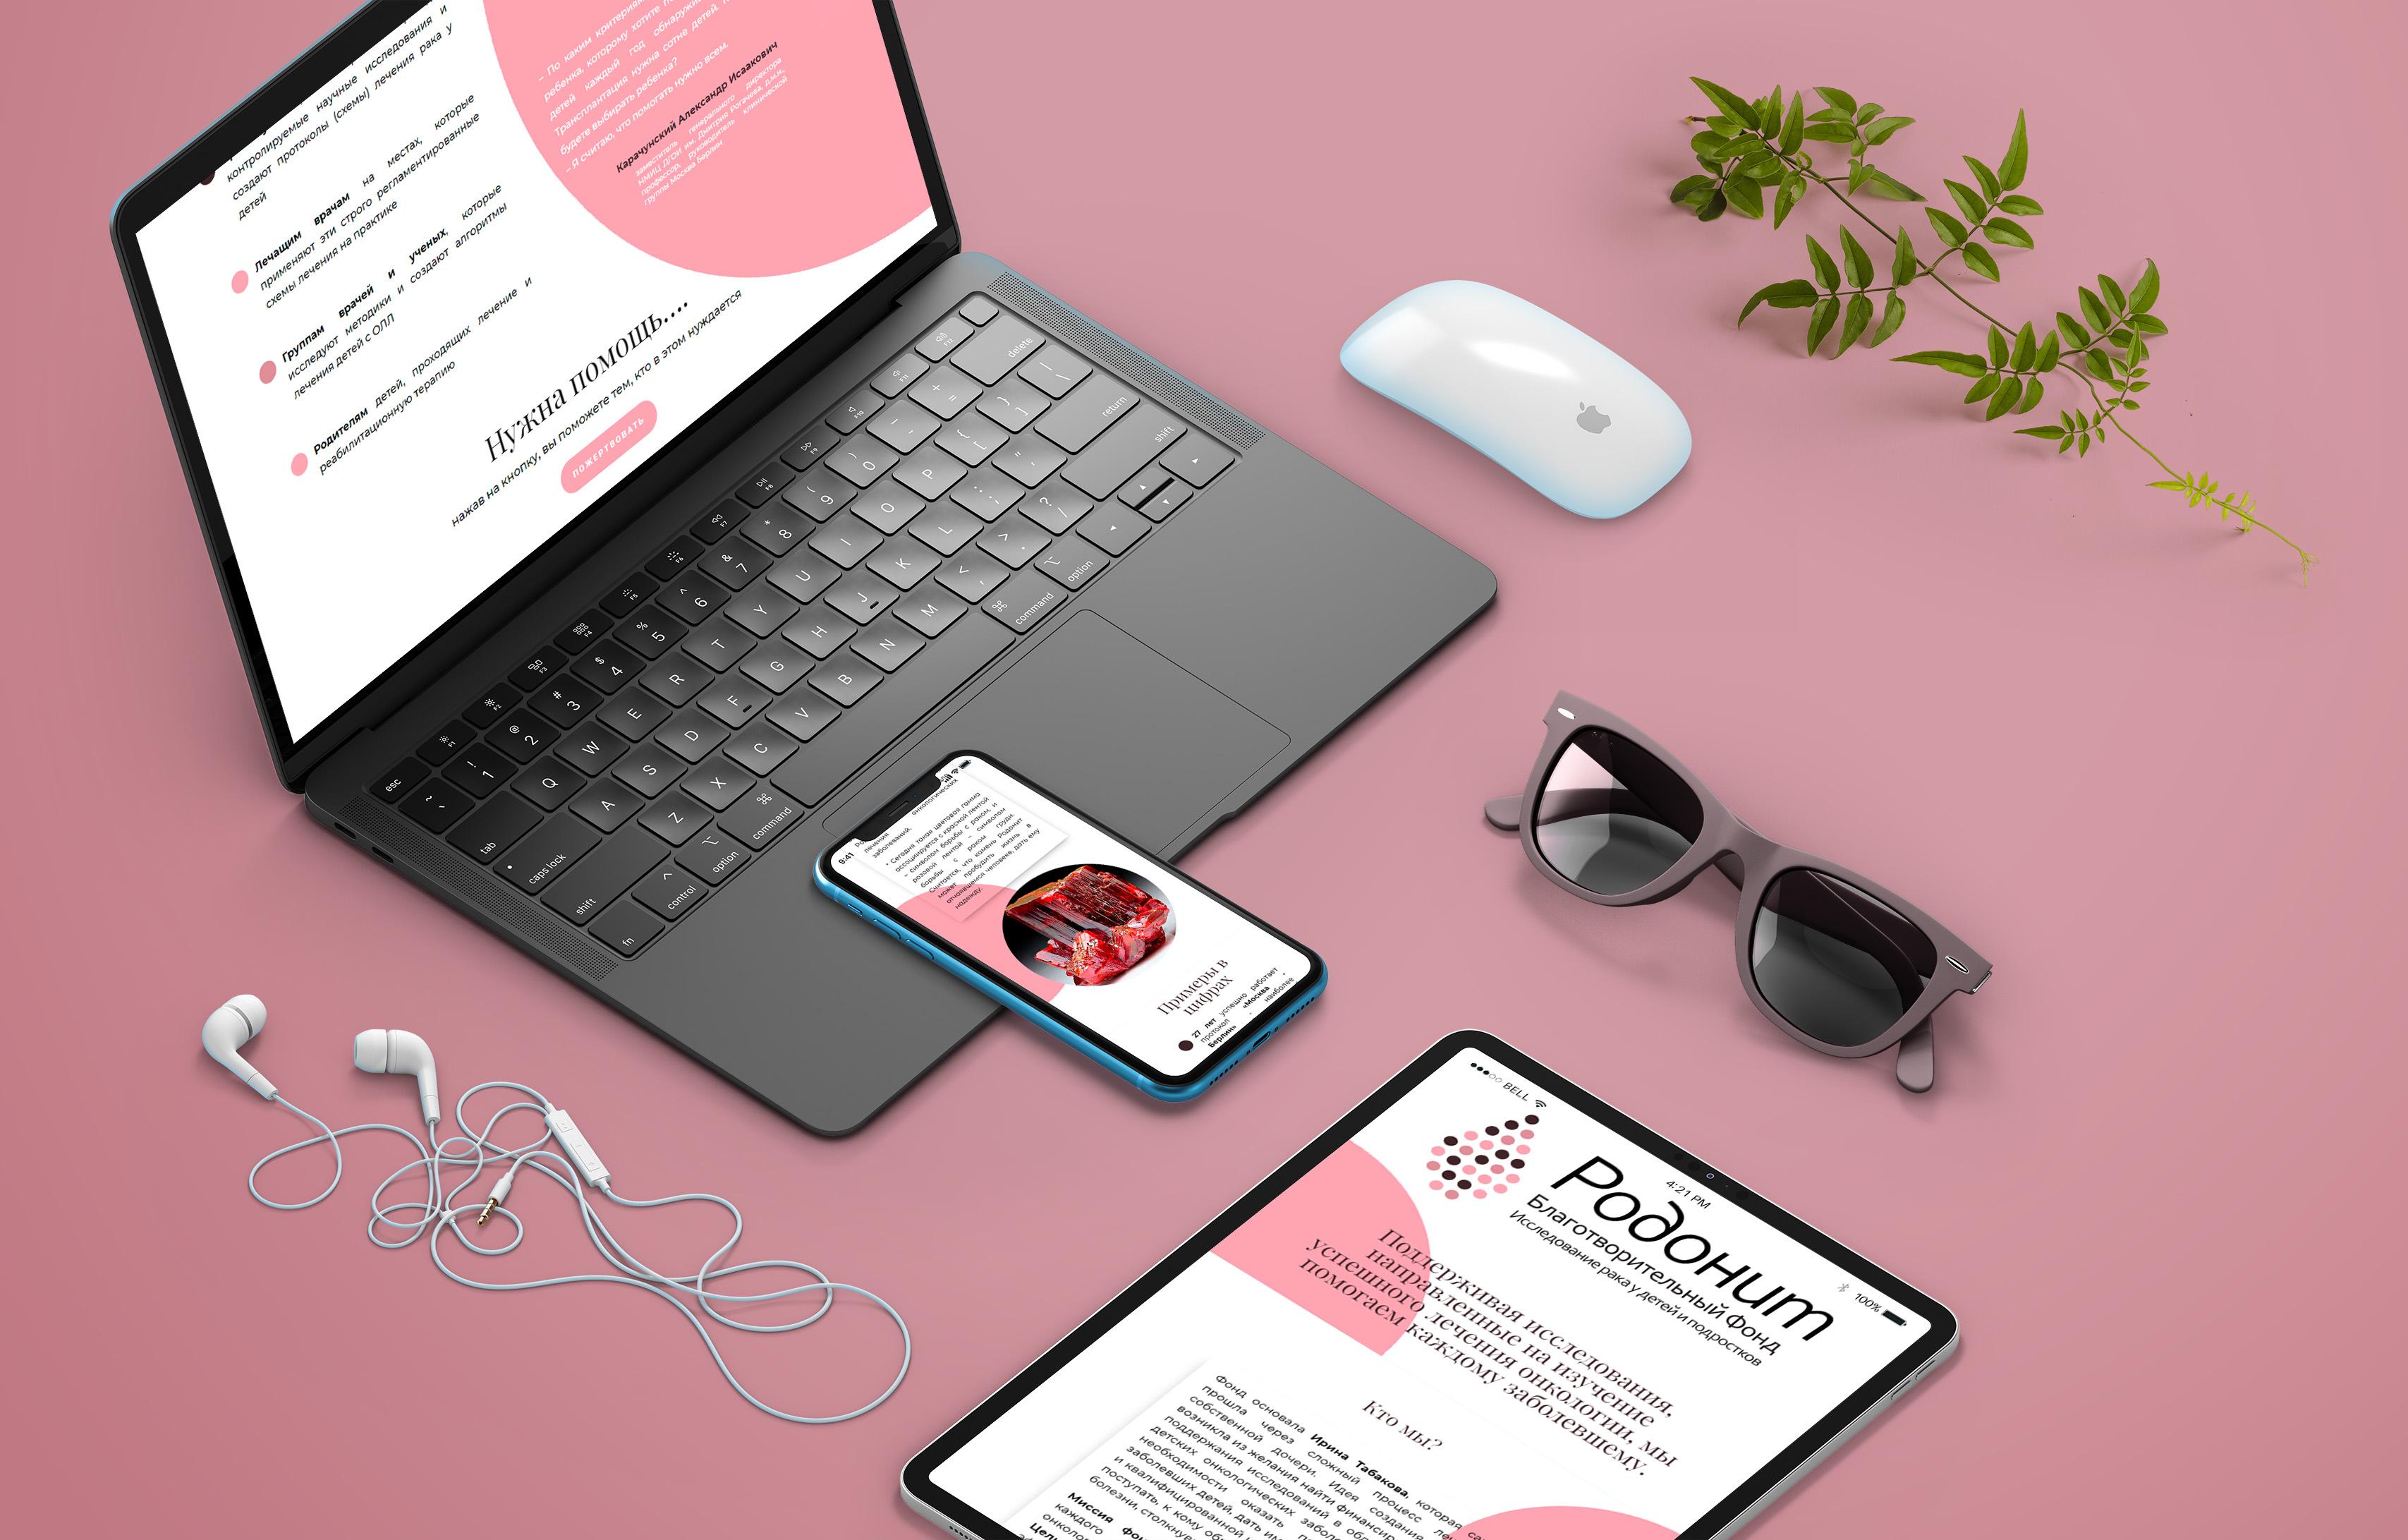 https://mareli-design.ru/ - разработка сайтов, лендингов, интернет-магазинов, брендинг, графический дизайн, полиграфия